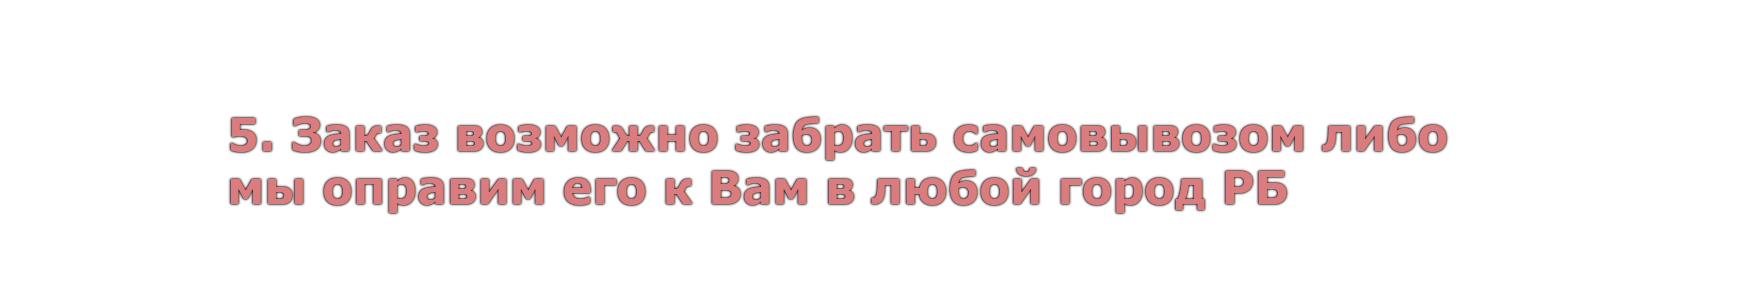 Опт 5